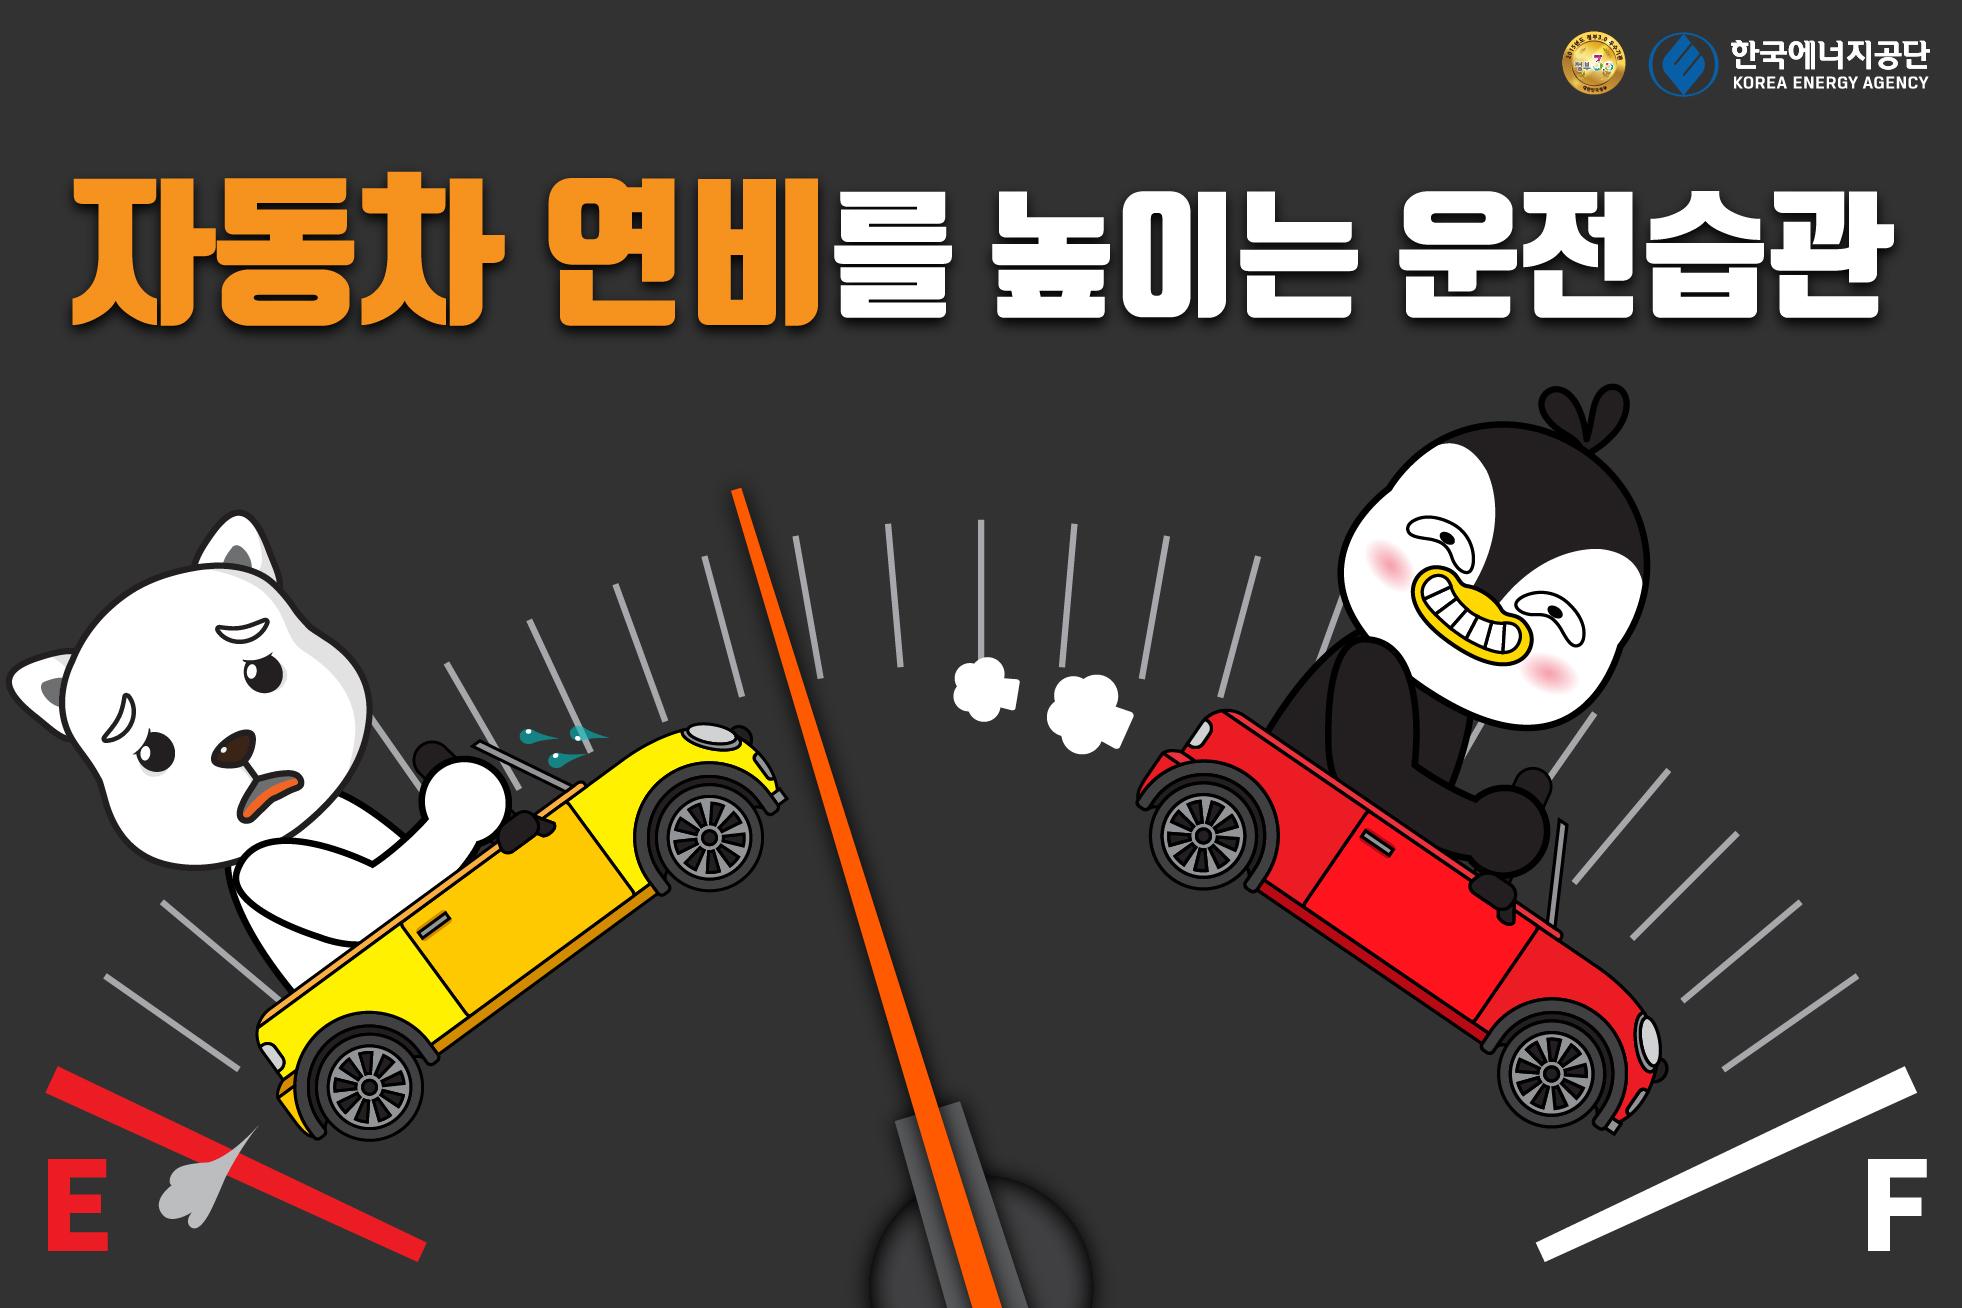 자동차 연비를 높이는 운전습관 (1)